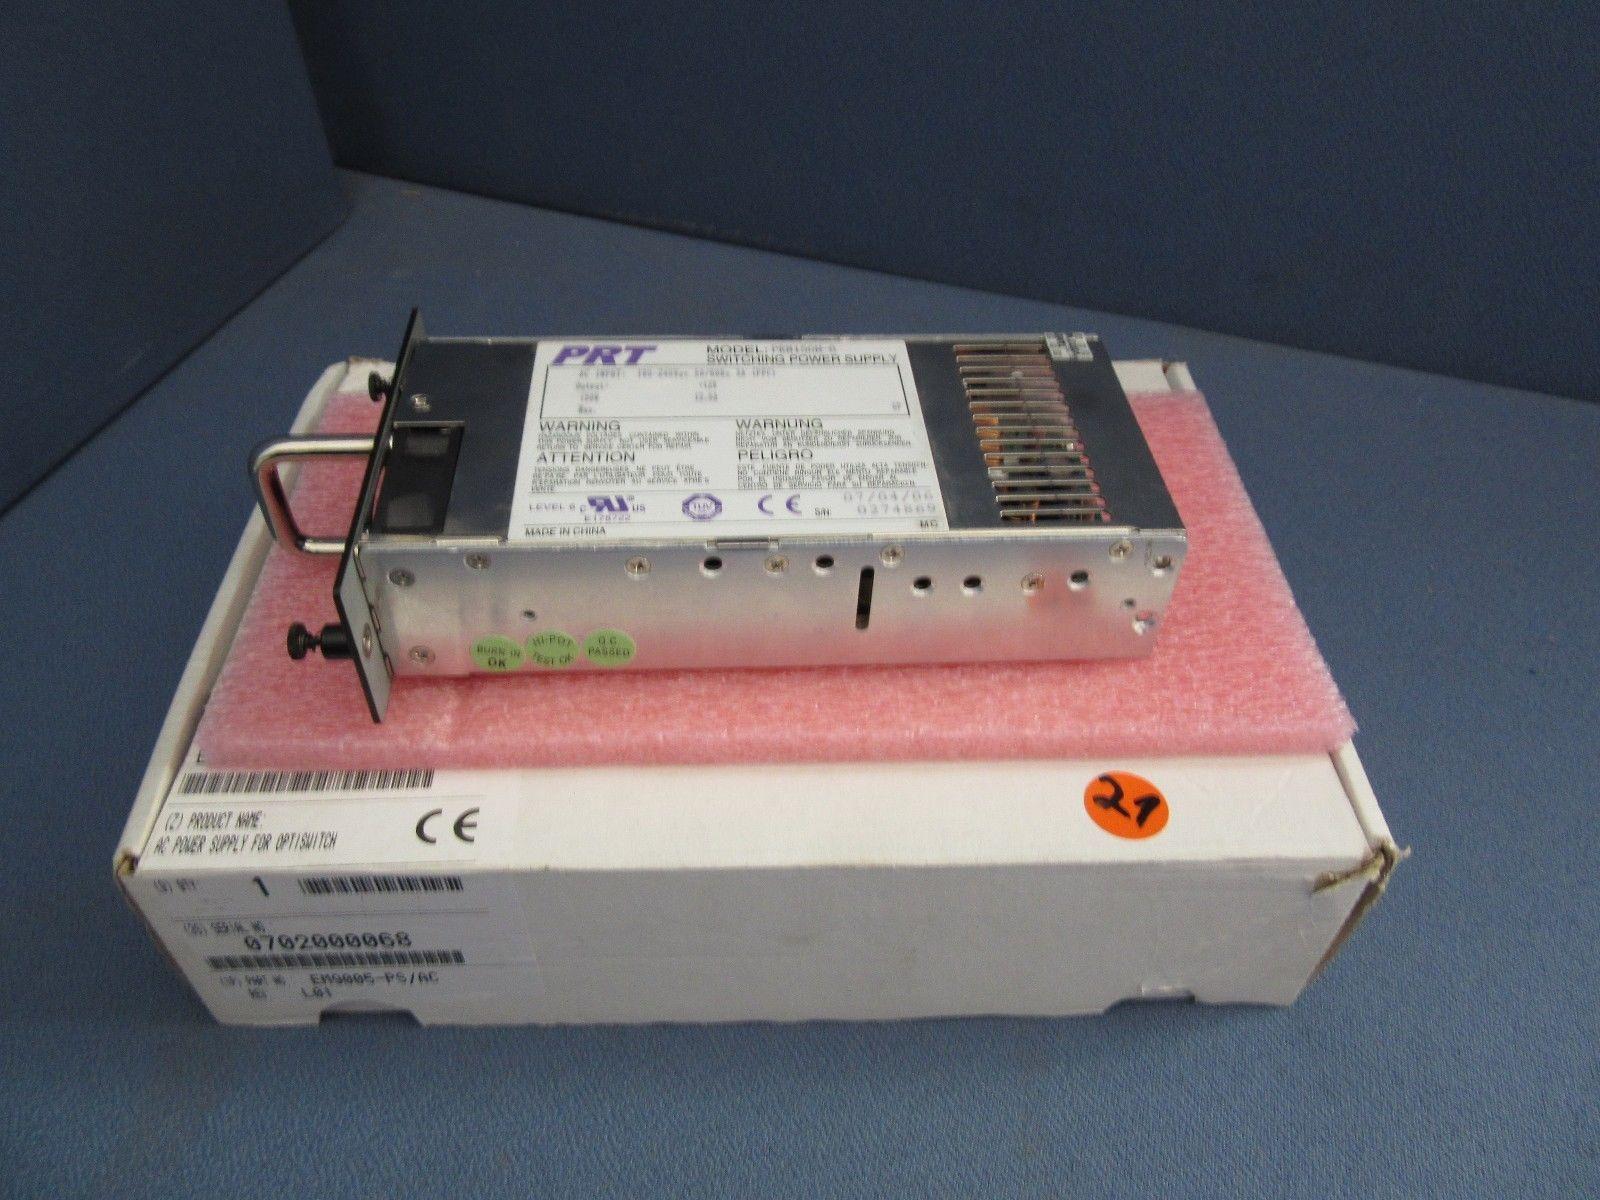 Ремонт импульсного блока питания PRN150M-6 (EM9005 PS-AC) - 5